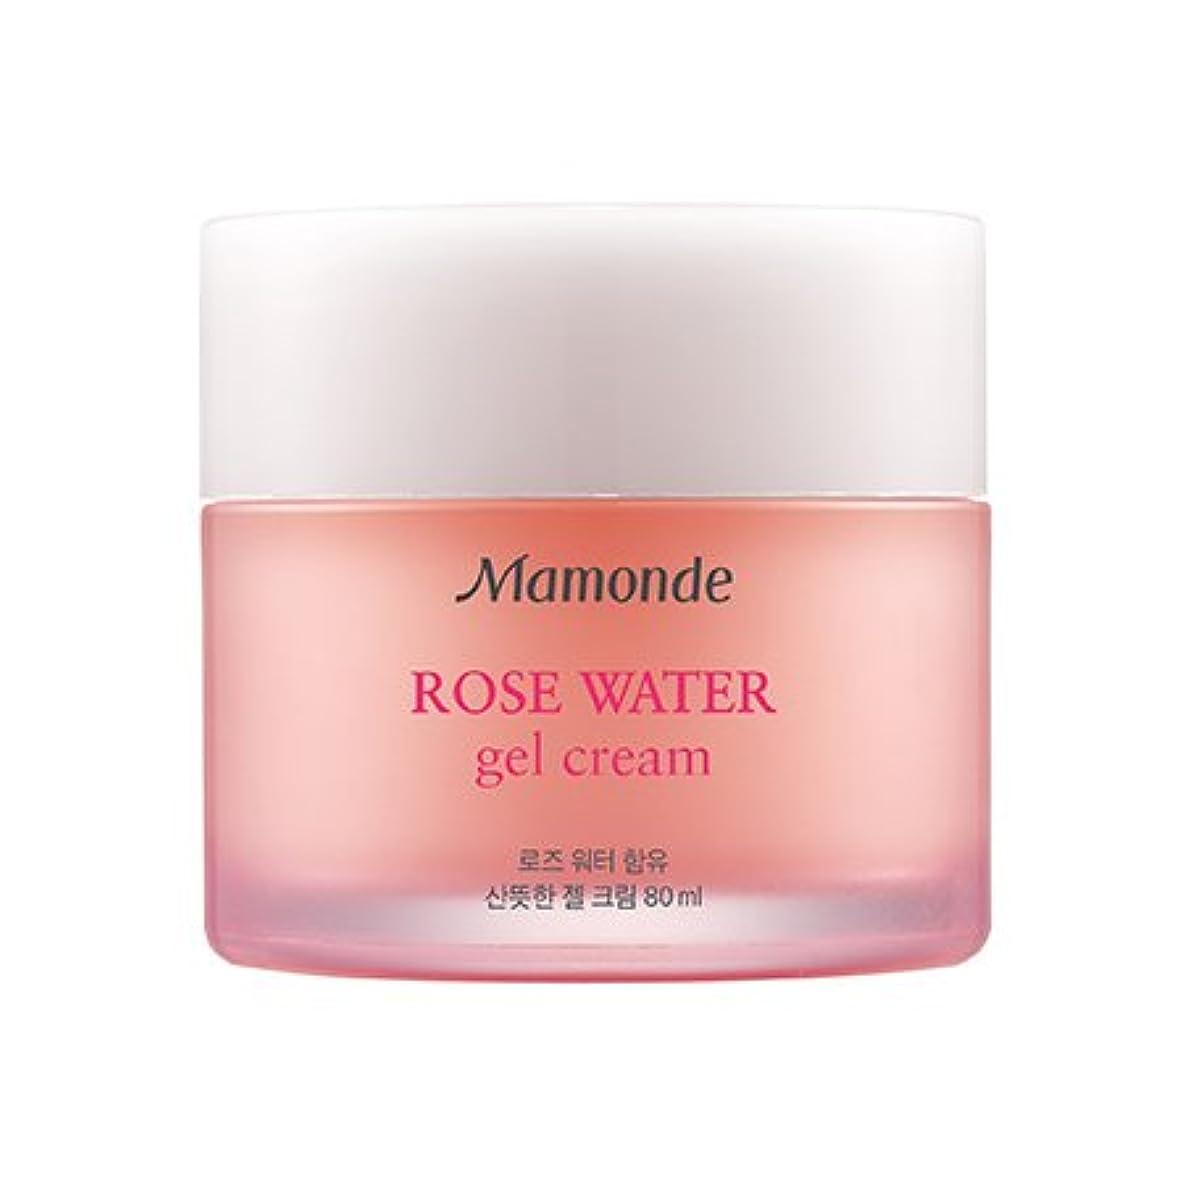 継承致命的な寛大なMamonde Rose Water Gel Cream 80ml/マモンド ローズ ウォーター ジェル クリーム 80ml [並行輸入品]